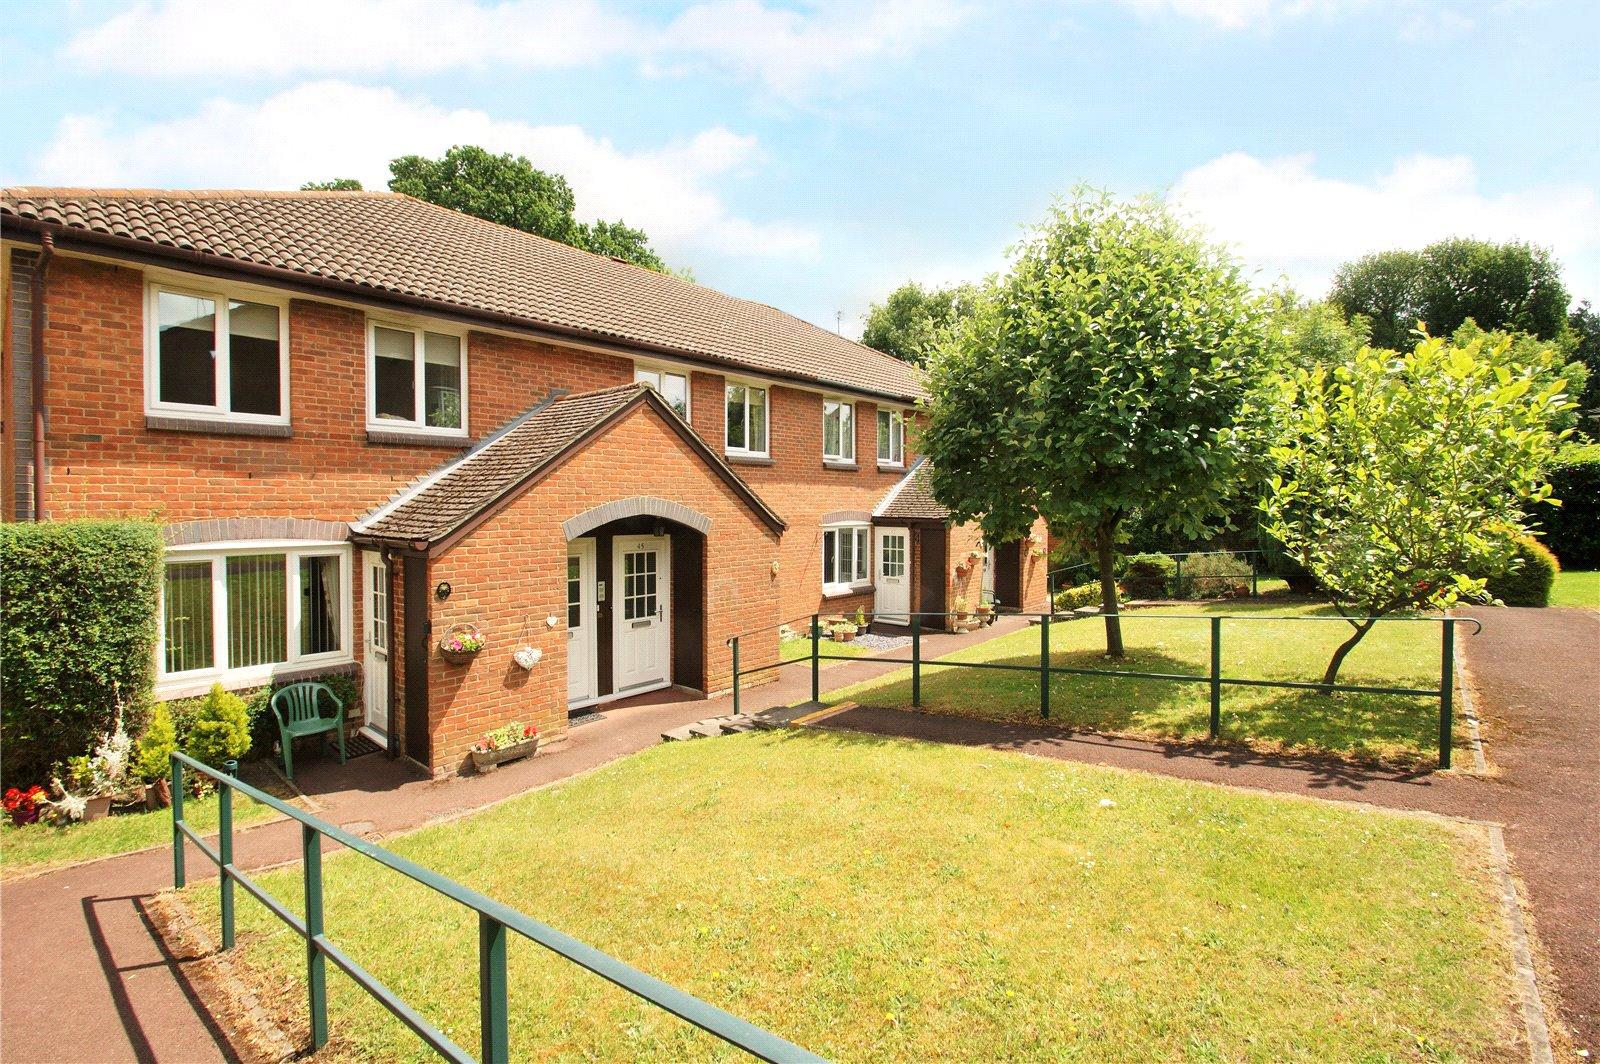 1 Bedroom Maisonette Flat for sale in Acorn Drive, Wokingham, Berkshire, RG40